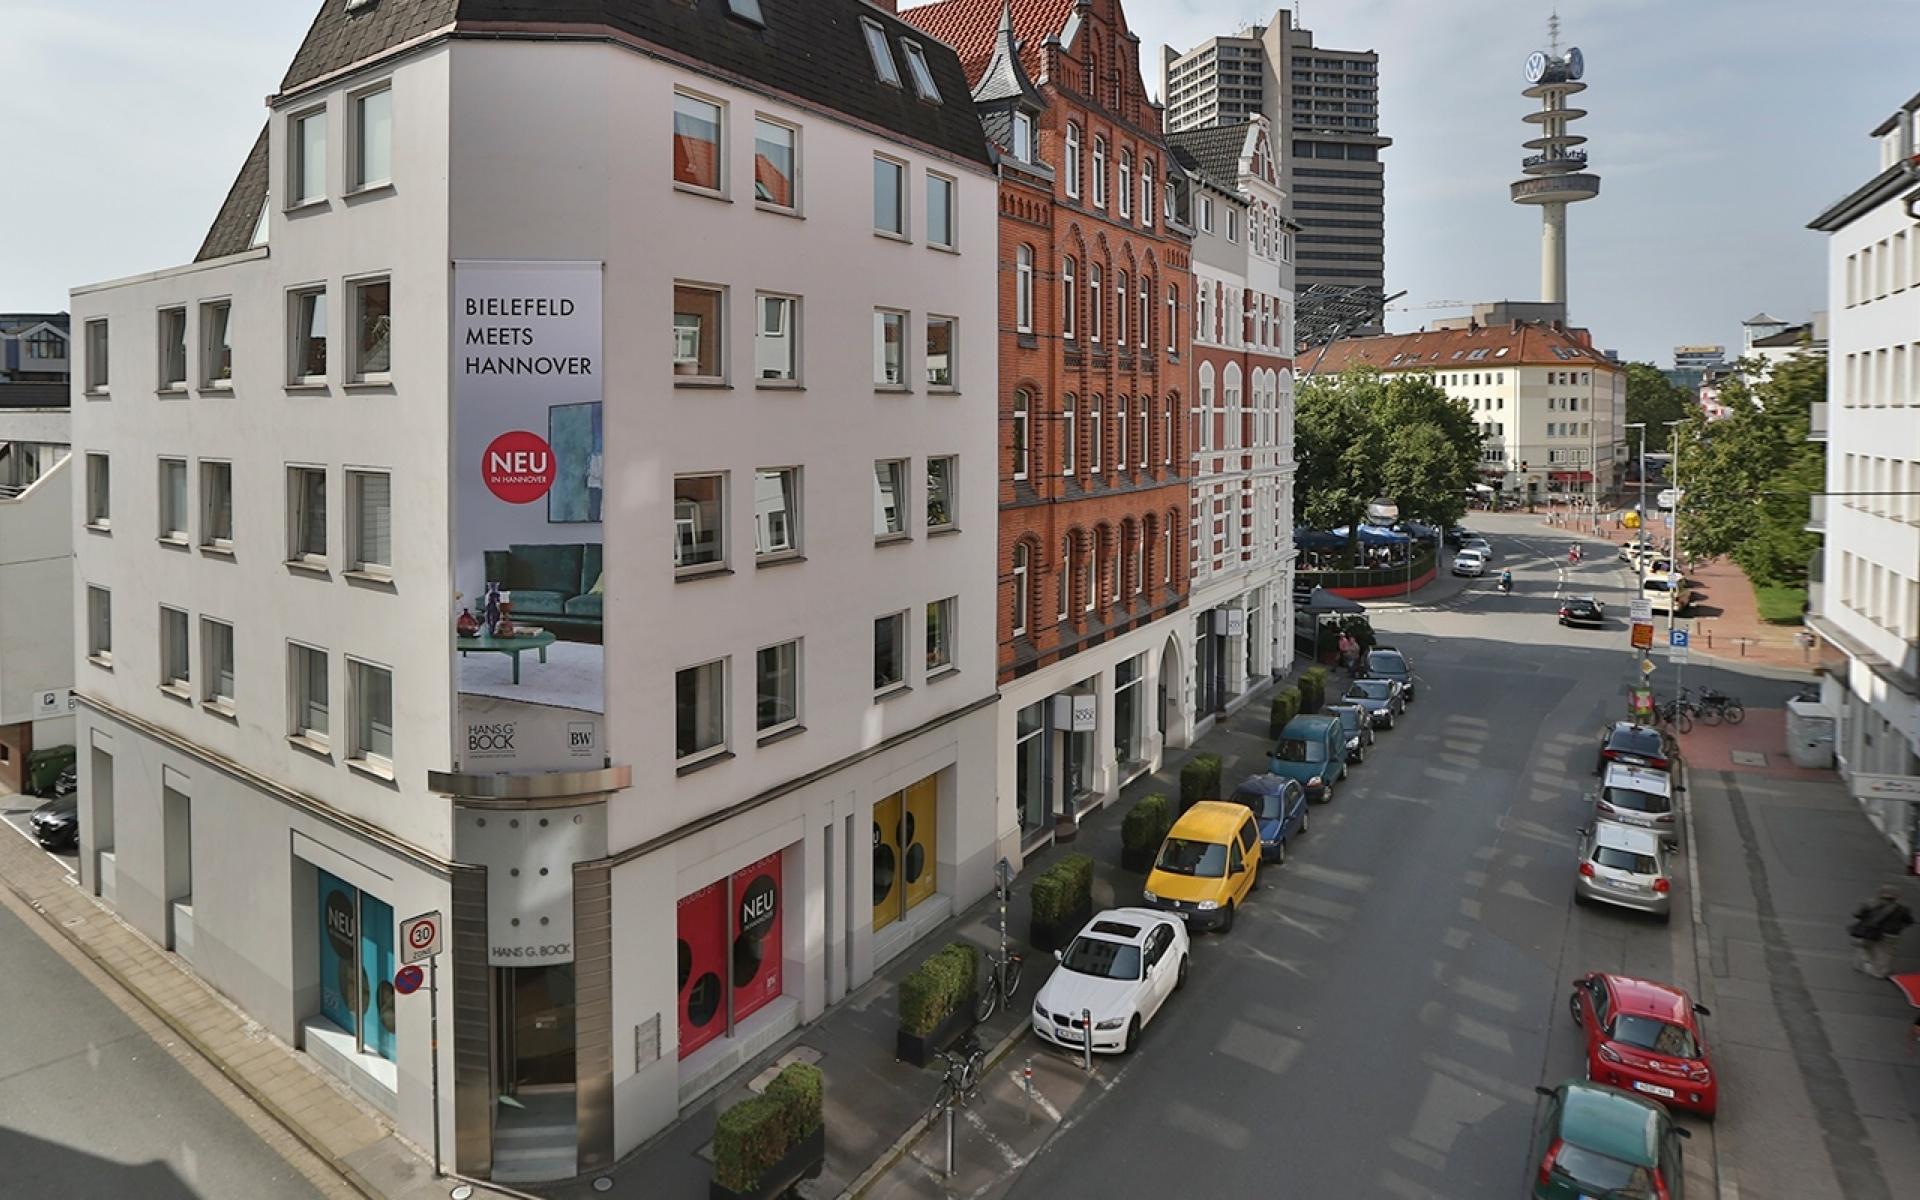 Das BW-Studio Hannover by Hans G. Bock neu in der Friesenstraße.